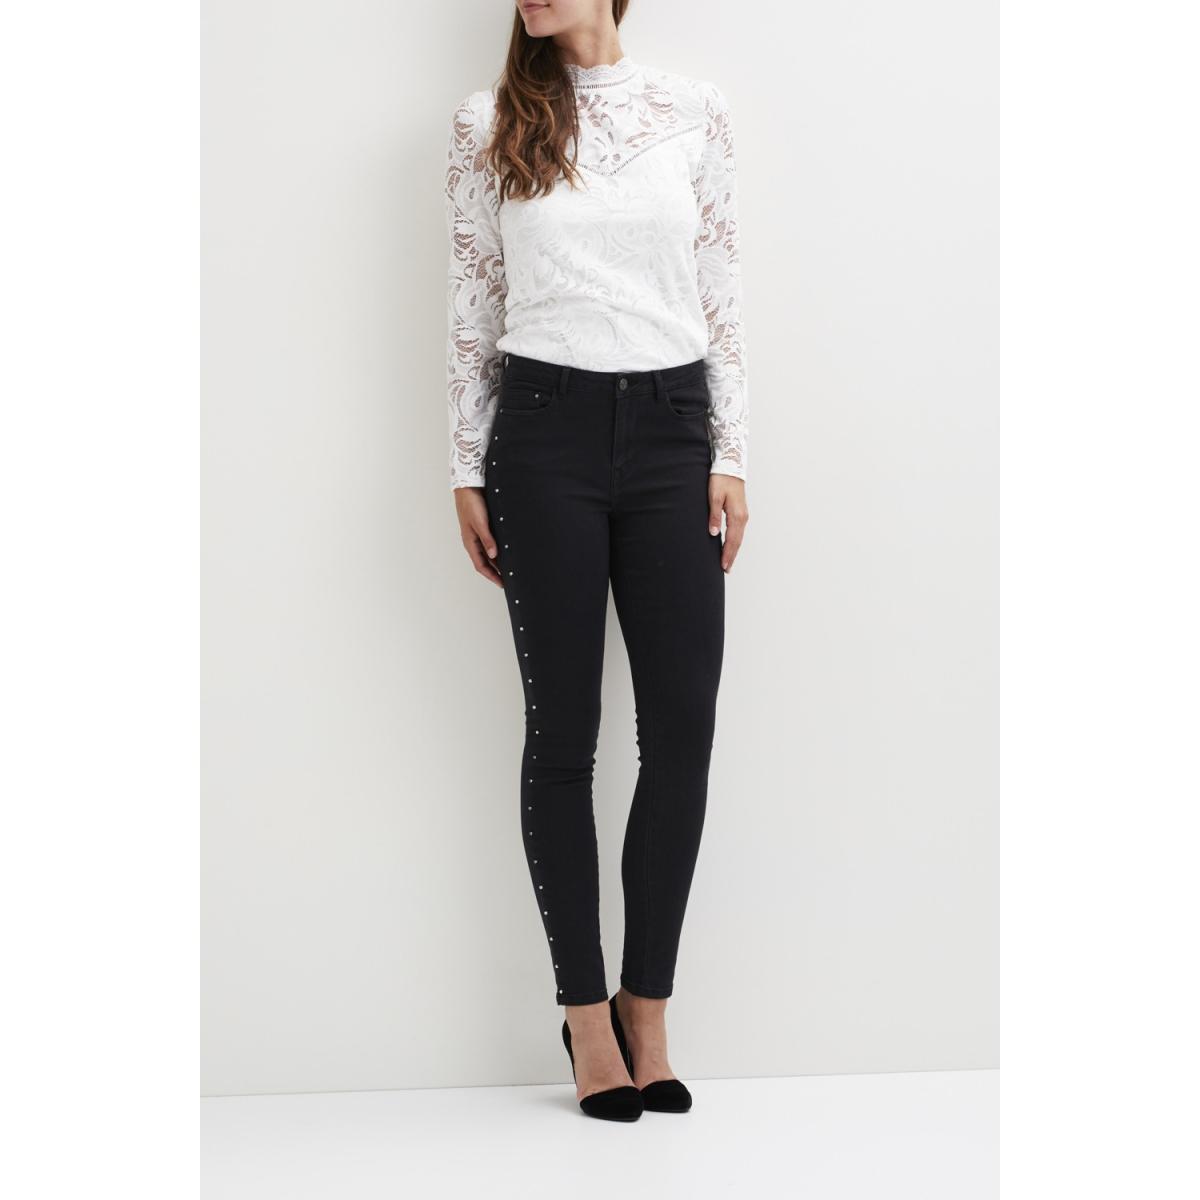 vijunas rw stud jeans 14043744 vila jeans black